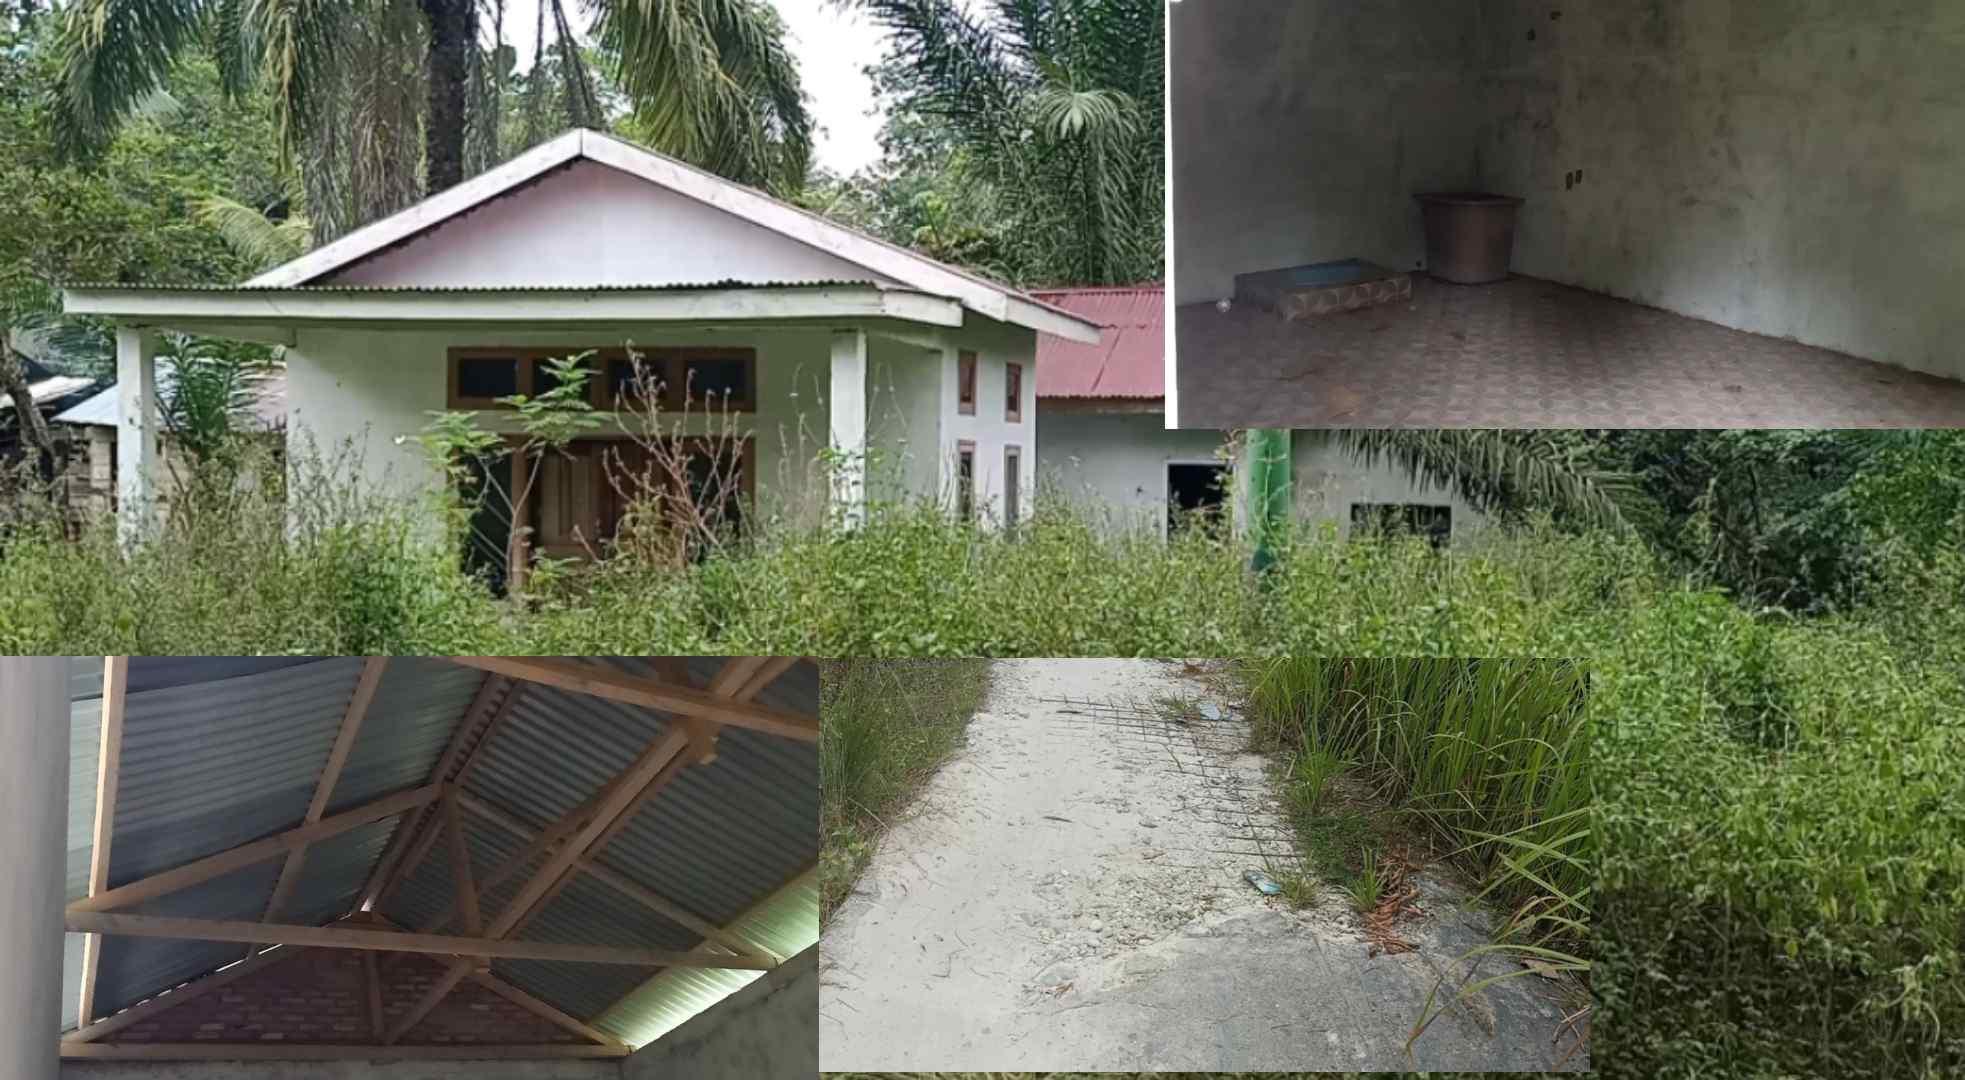 Bangunan posyandu Dusun pematang semut kepenghuluan Bangko pusaka